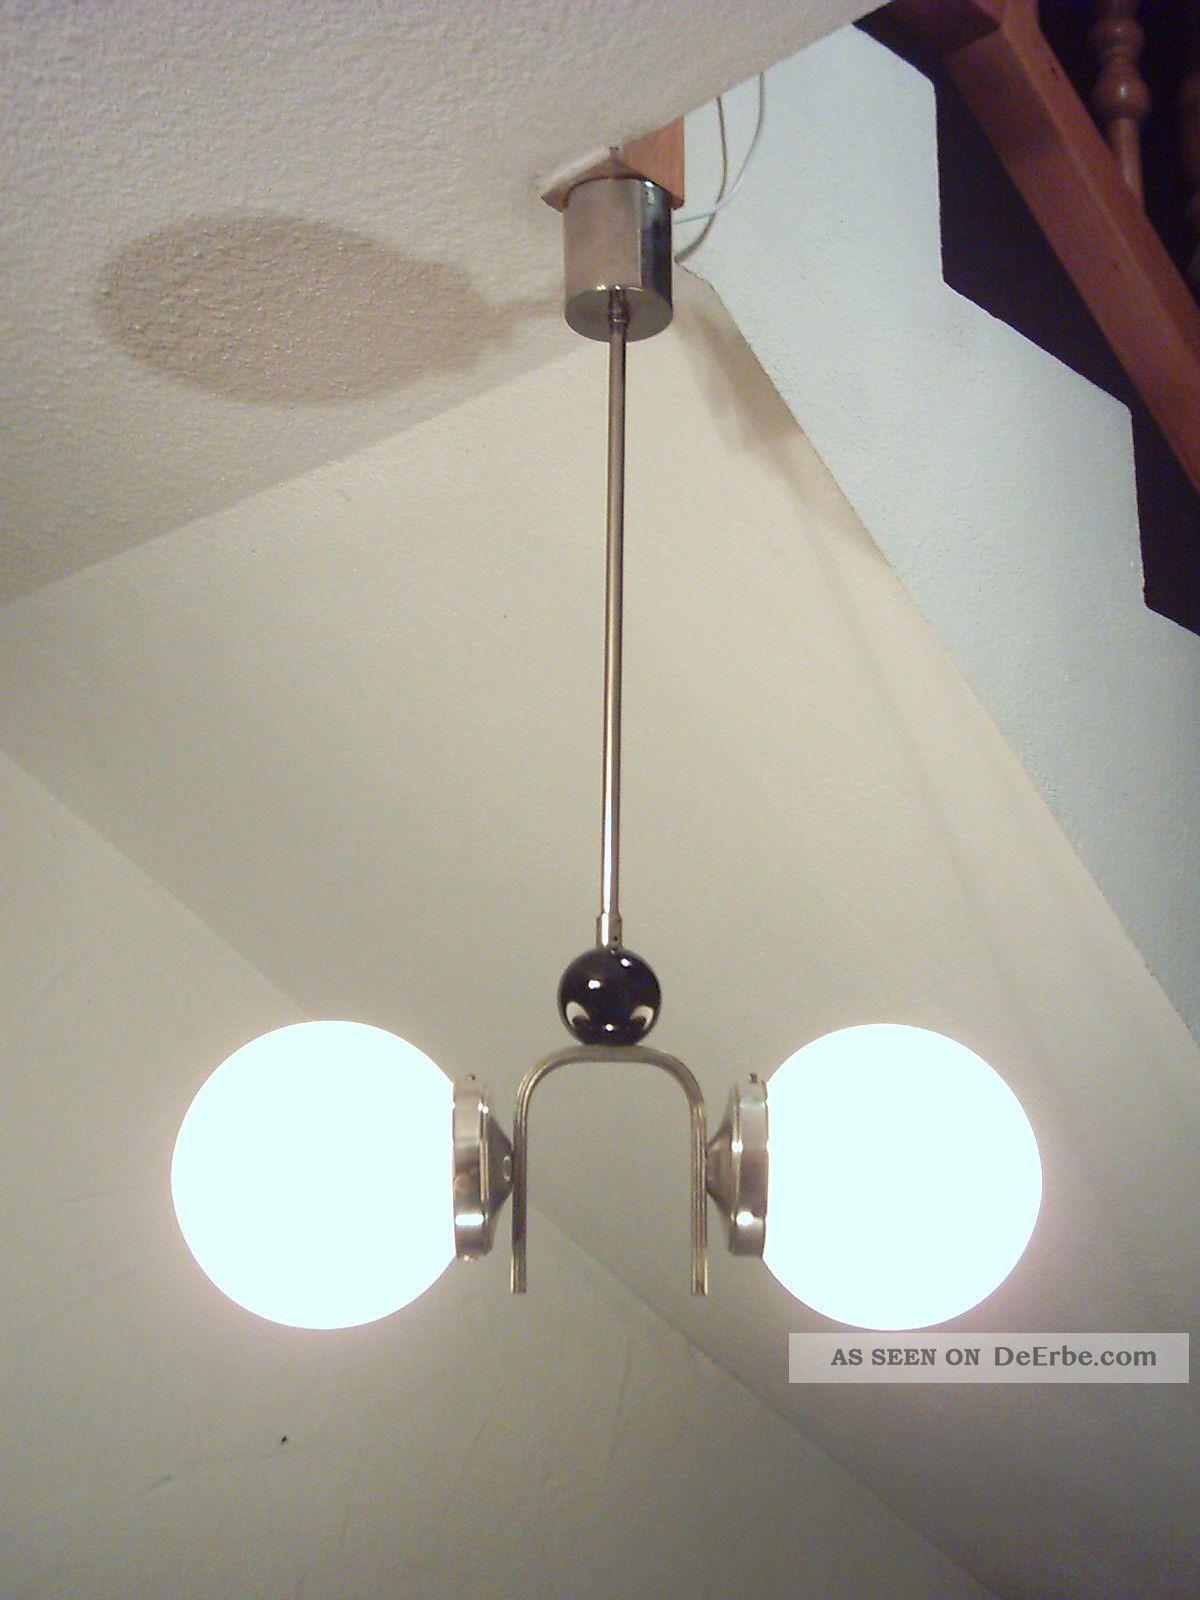 Klassische Art Deco Deckenlampe Bauhaus Lampe Kugellampe Loft